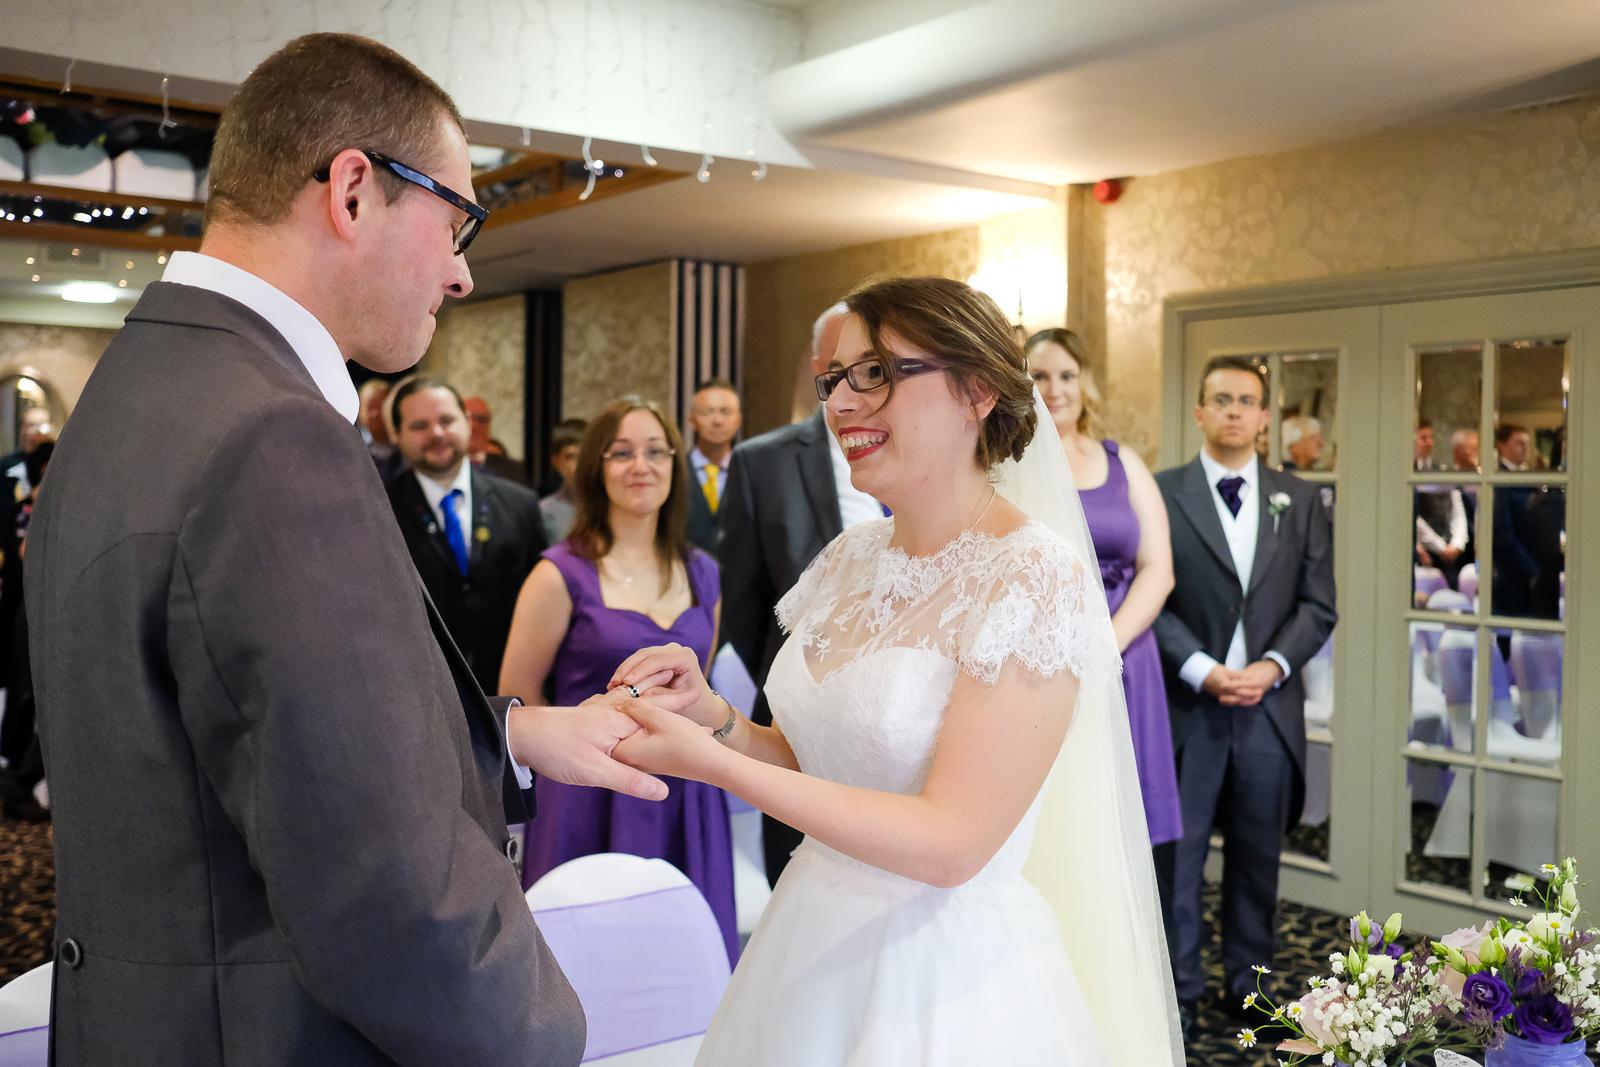 Belmont Hotel Wedding in Leicester 022.jpg